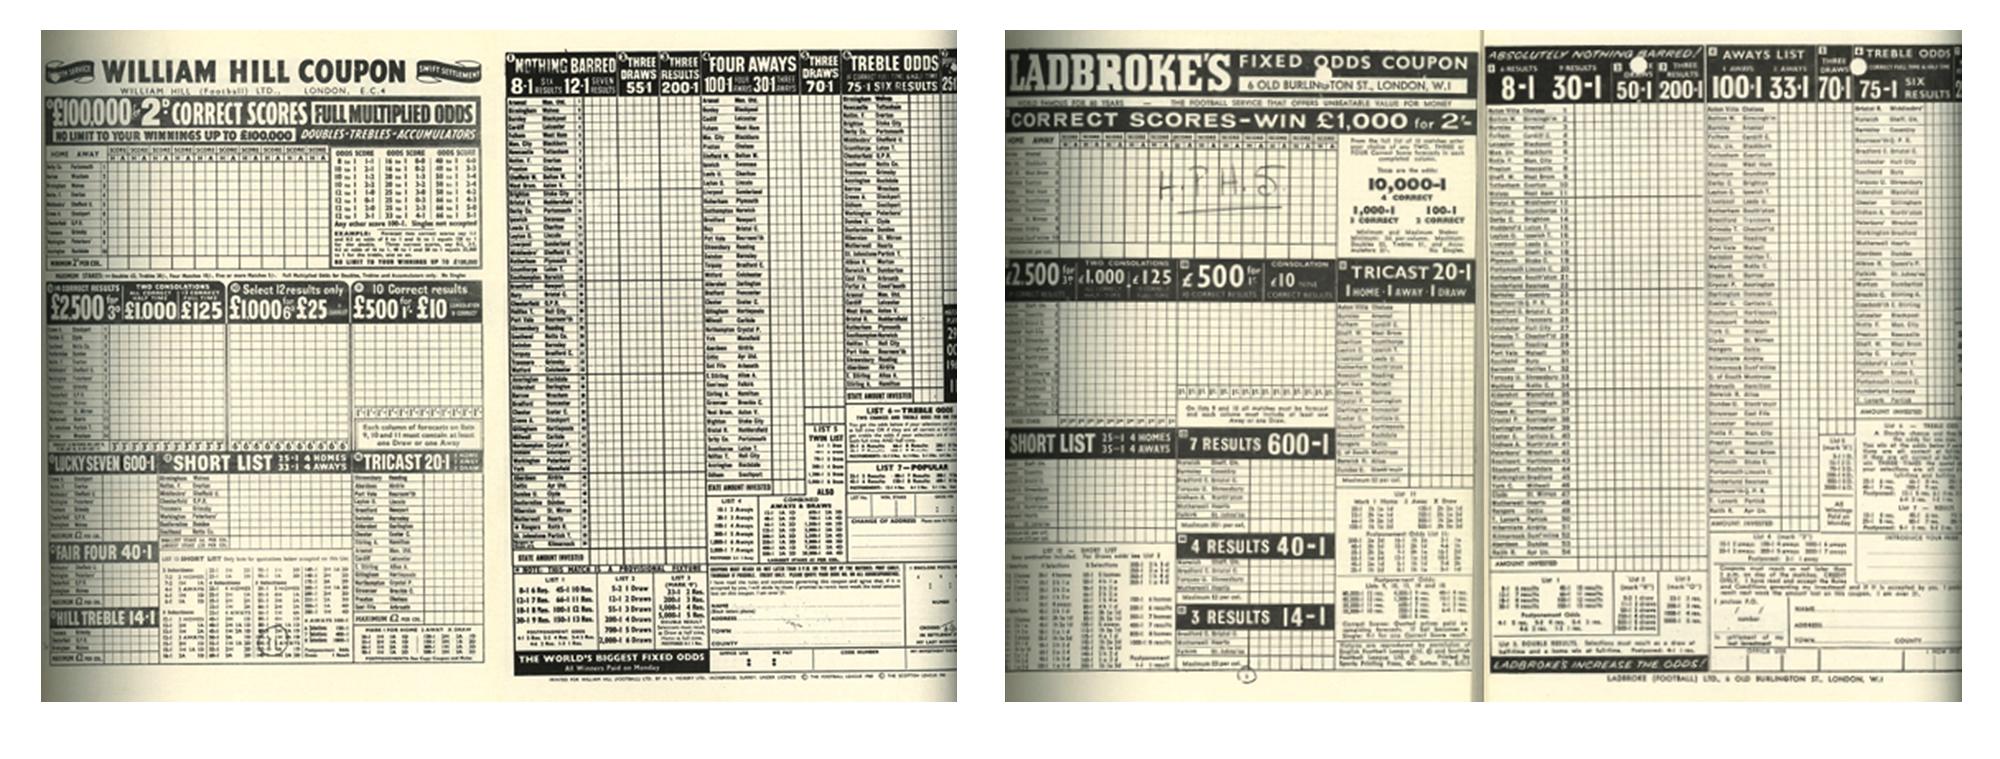 William Hill coupon v Landbroke coupon